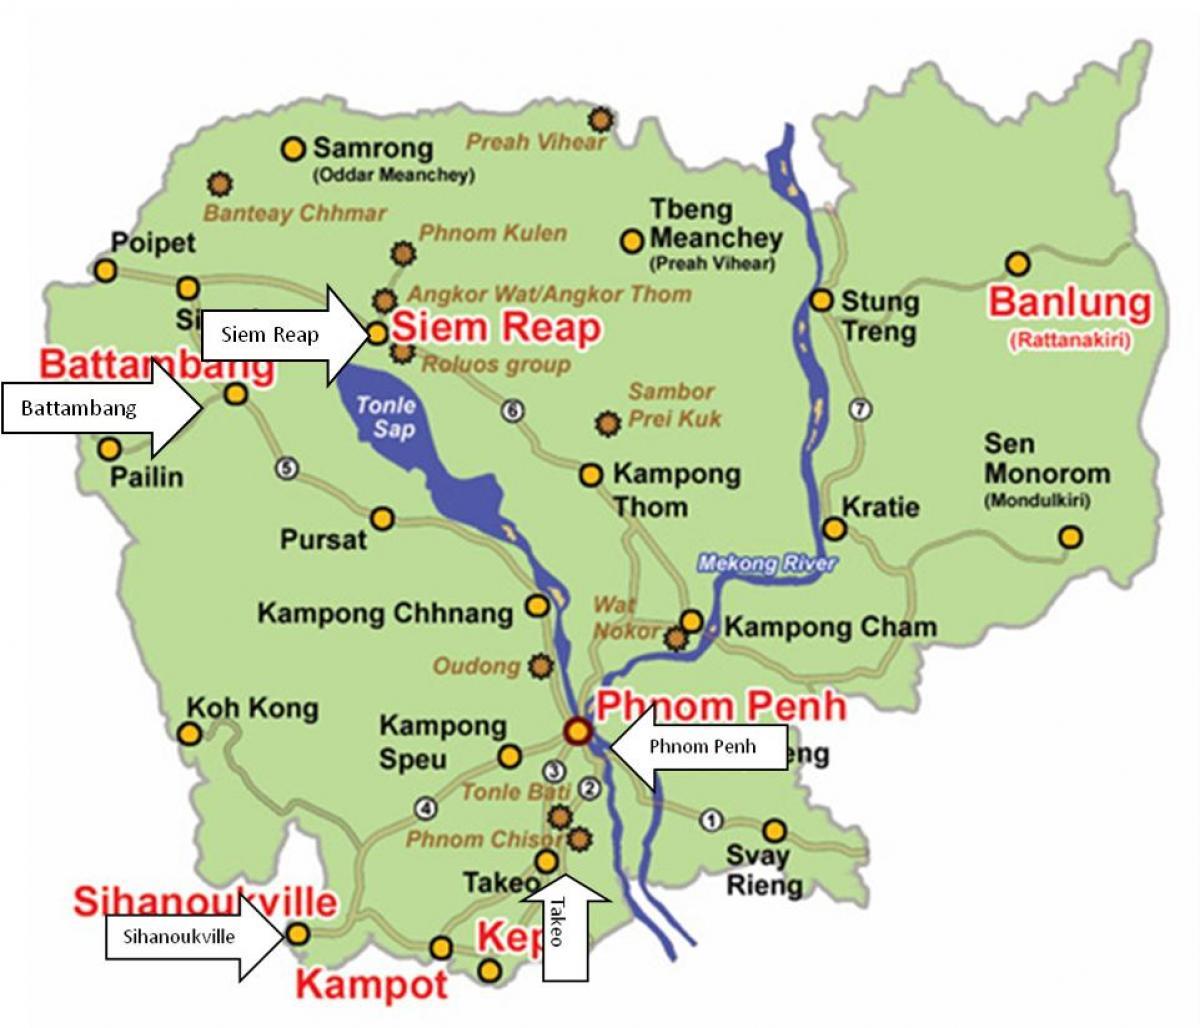 Kambodscha Karte.Kambodscha River Karte Karte Von Kambodscha Fluss Sud Ost